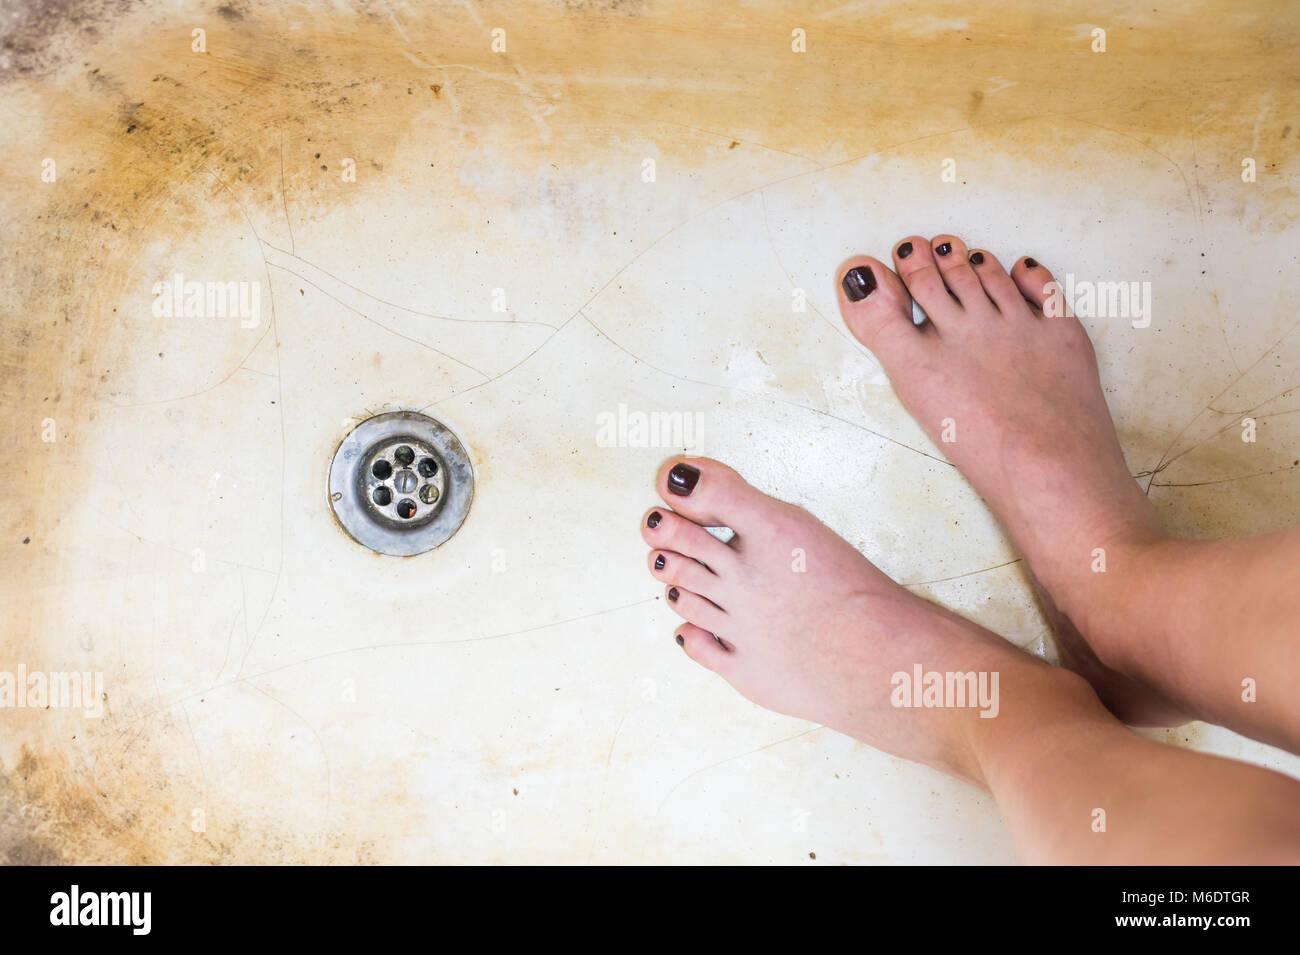 Vasca Da Bagno Arrugginita : I piedi femminili nella vecchia vasca arrugginita foto immagine